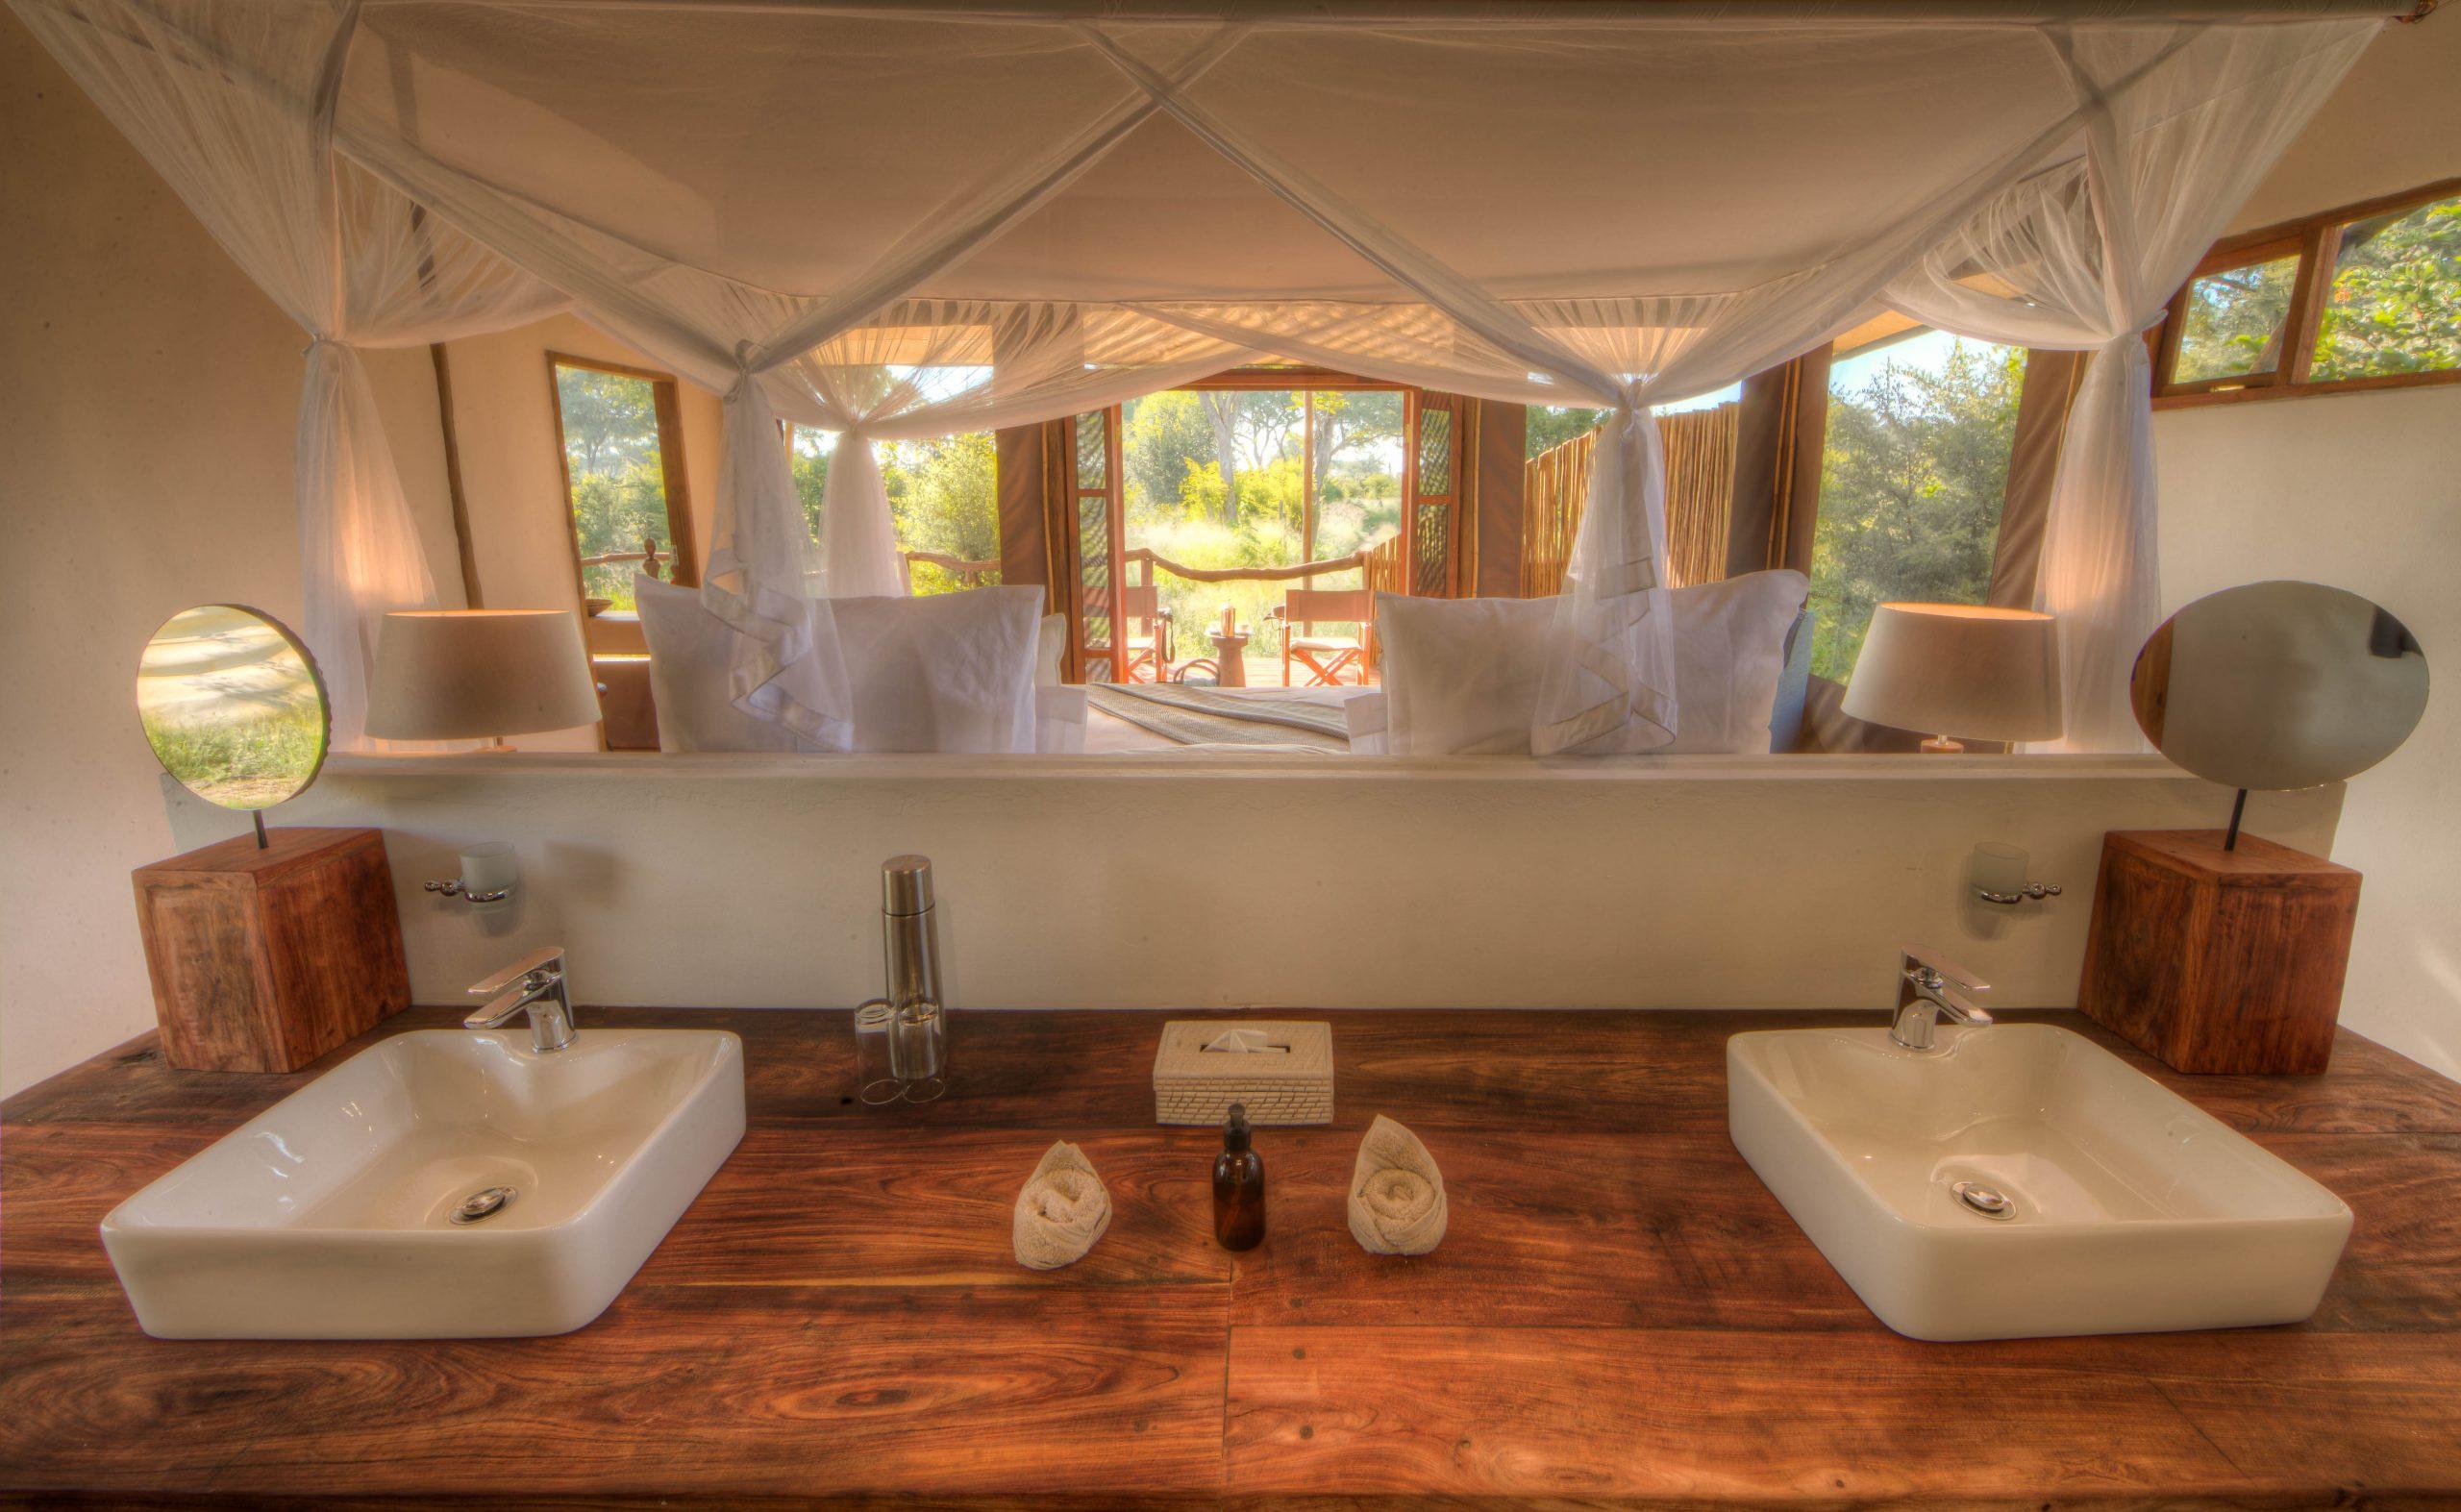 luxury twin sinks